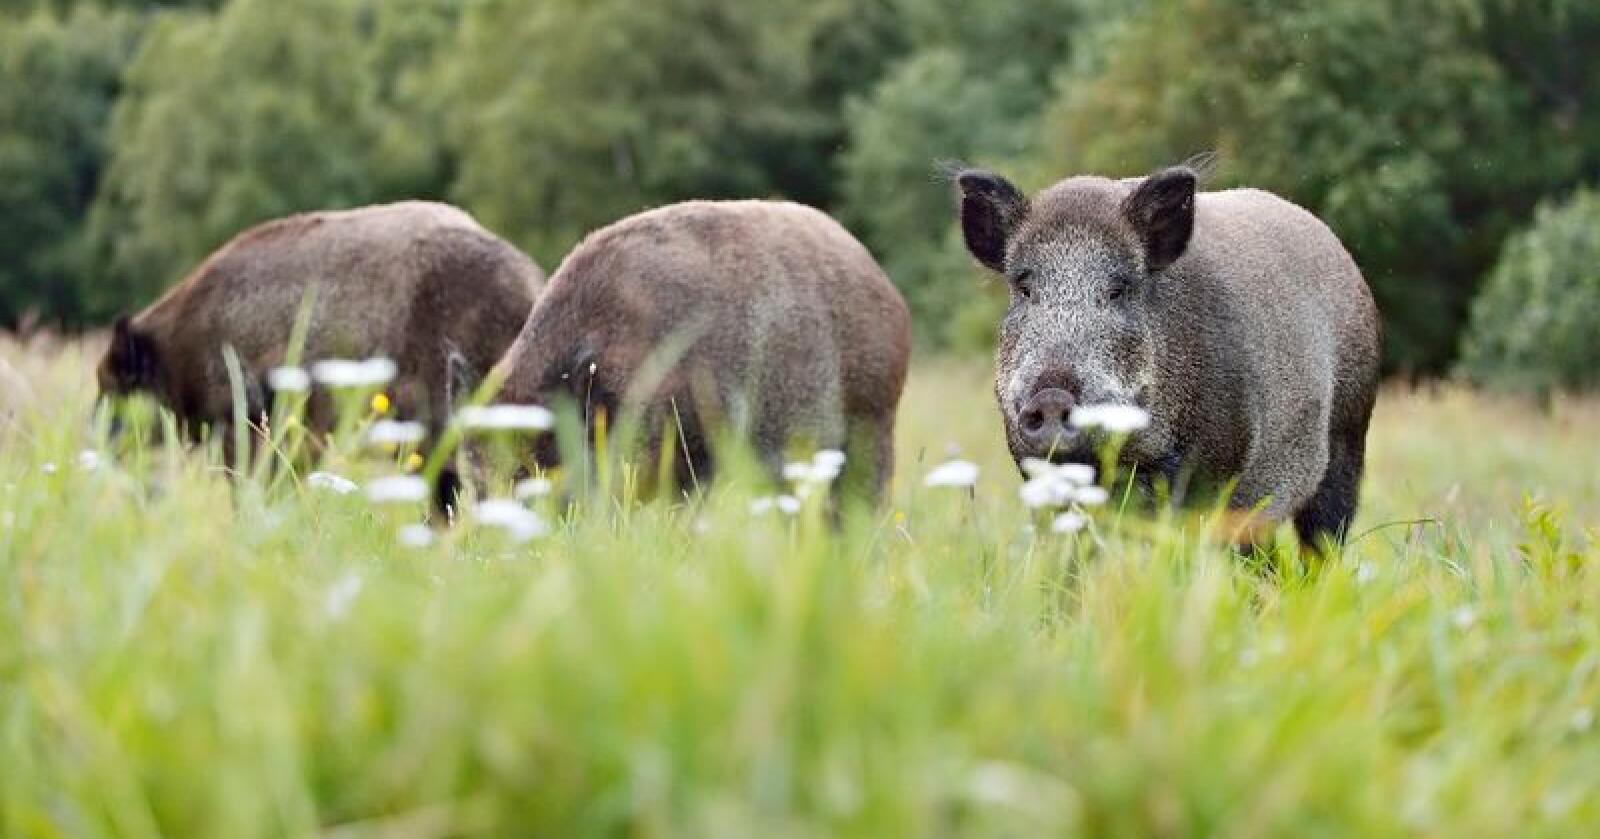 Viruset smitter bare dyr av svinefamilien (Suidae). Tamsvin og europeisk villsvin er svært mottakelige for infeksjonen, og dødsraten er høy. (Illustrasjonsfoto: Erik Mandre/Mostphotos)